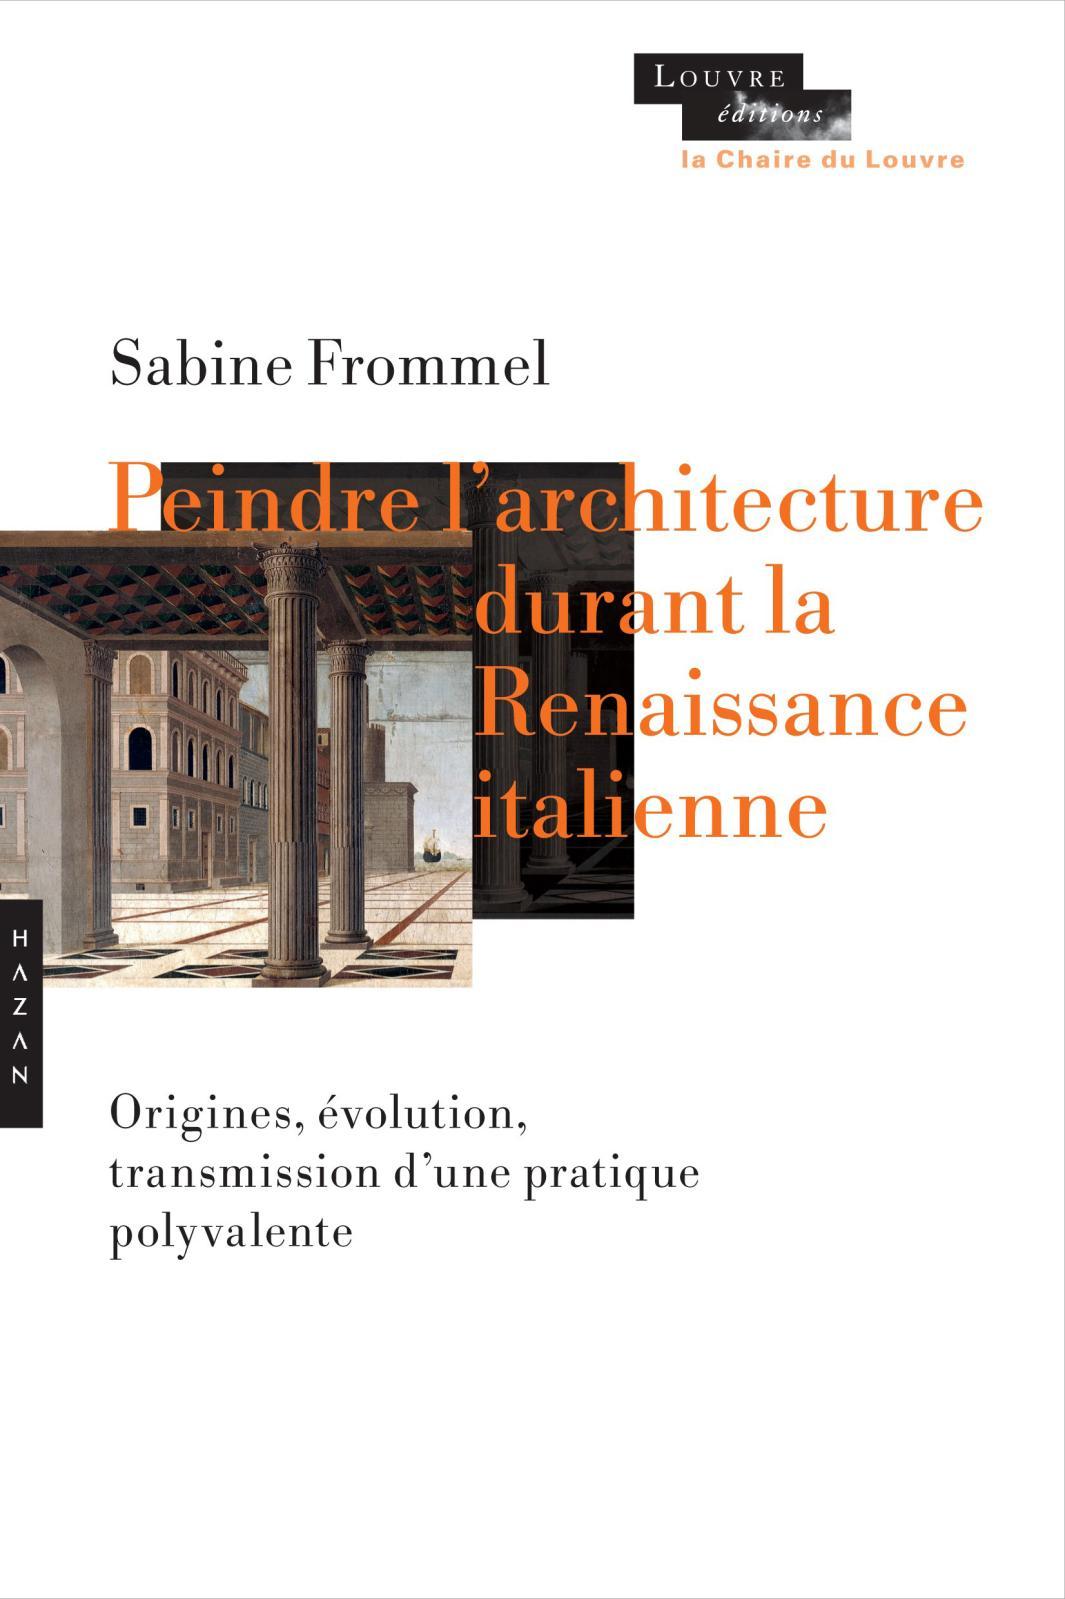 Peindrel'architecture Réservé aux spécialistes et professionnels, la publication des cinq conférences données par l'historienne de l'art